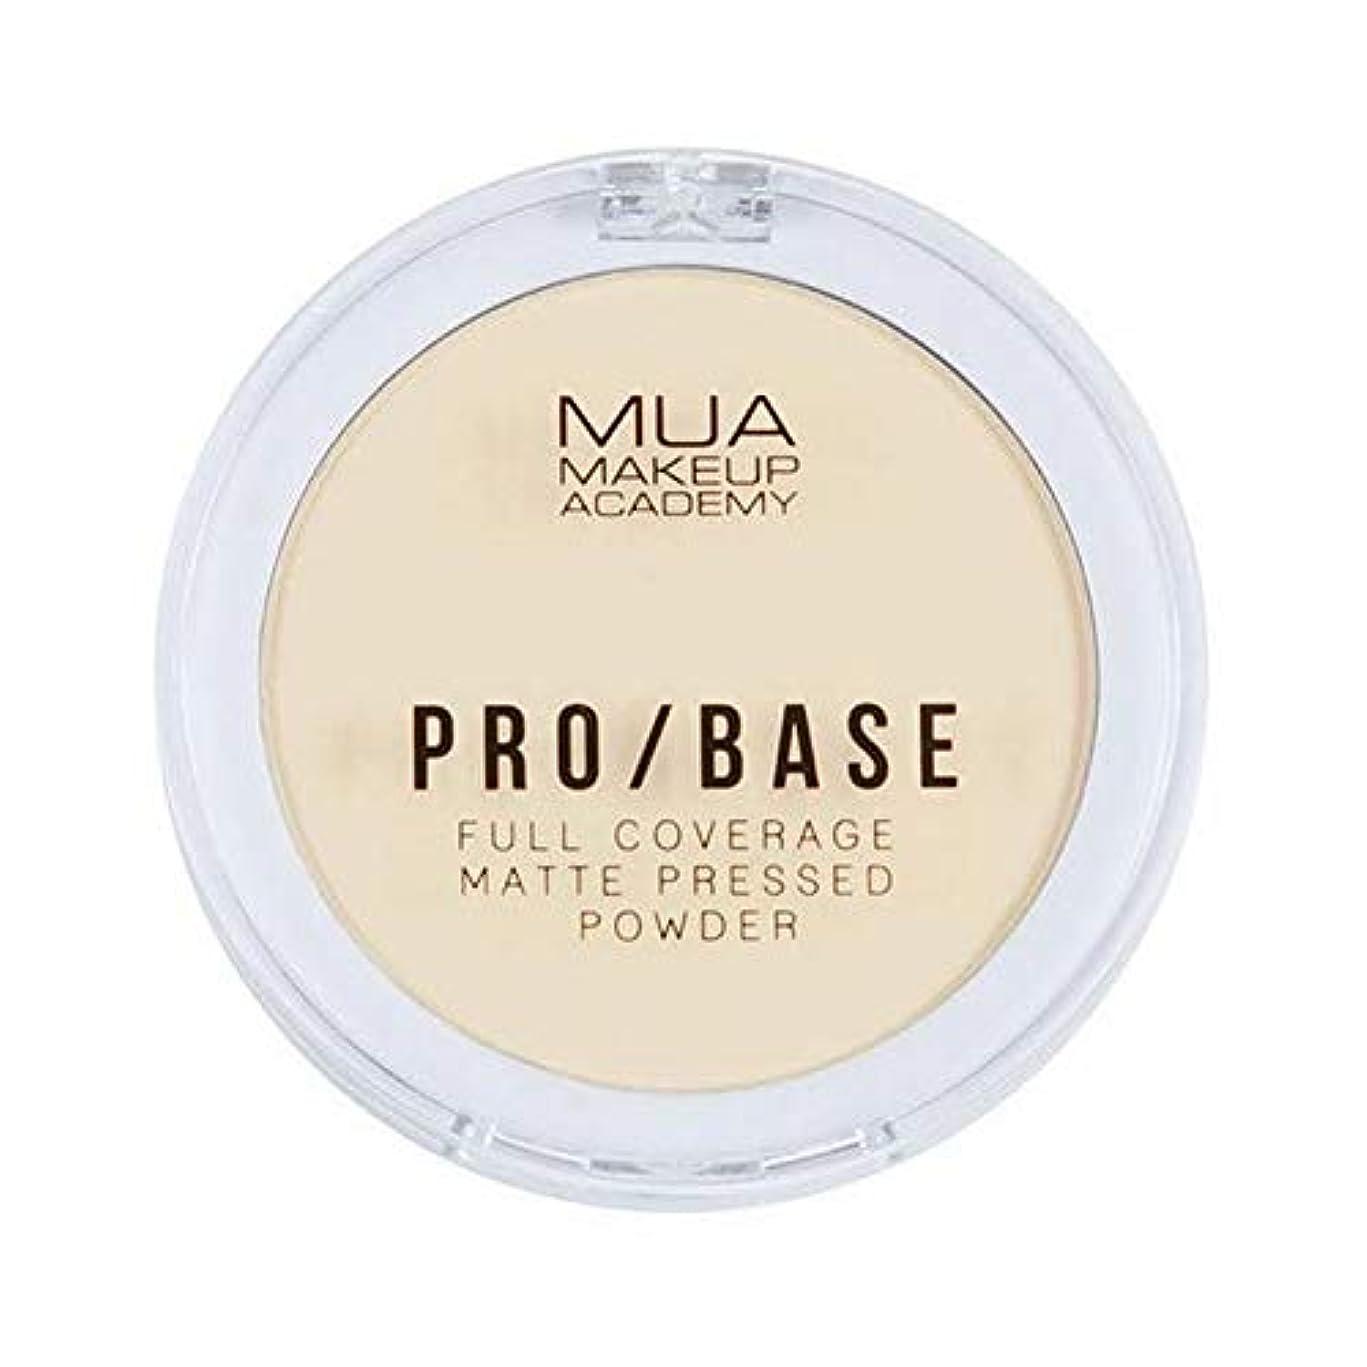 疑問に思う等価代数[MUA] Muaプロ/ベースのフルカバレッジマットパウダー#100 - MUA Pro/Base Full Coverage Matte Powder #100 [並行輸入品]